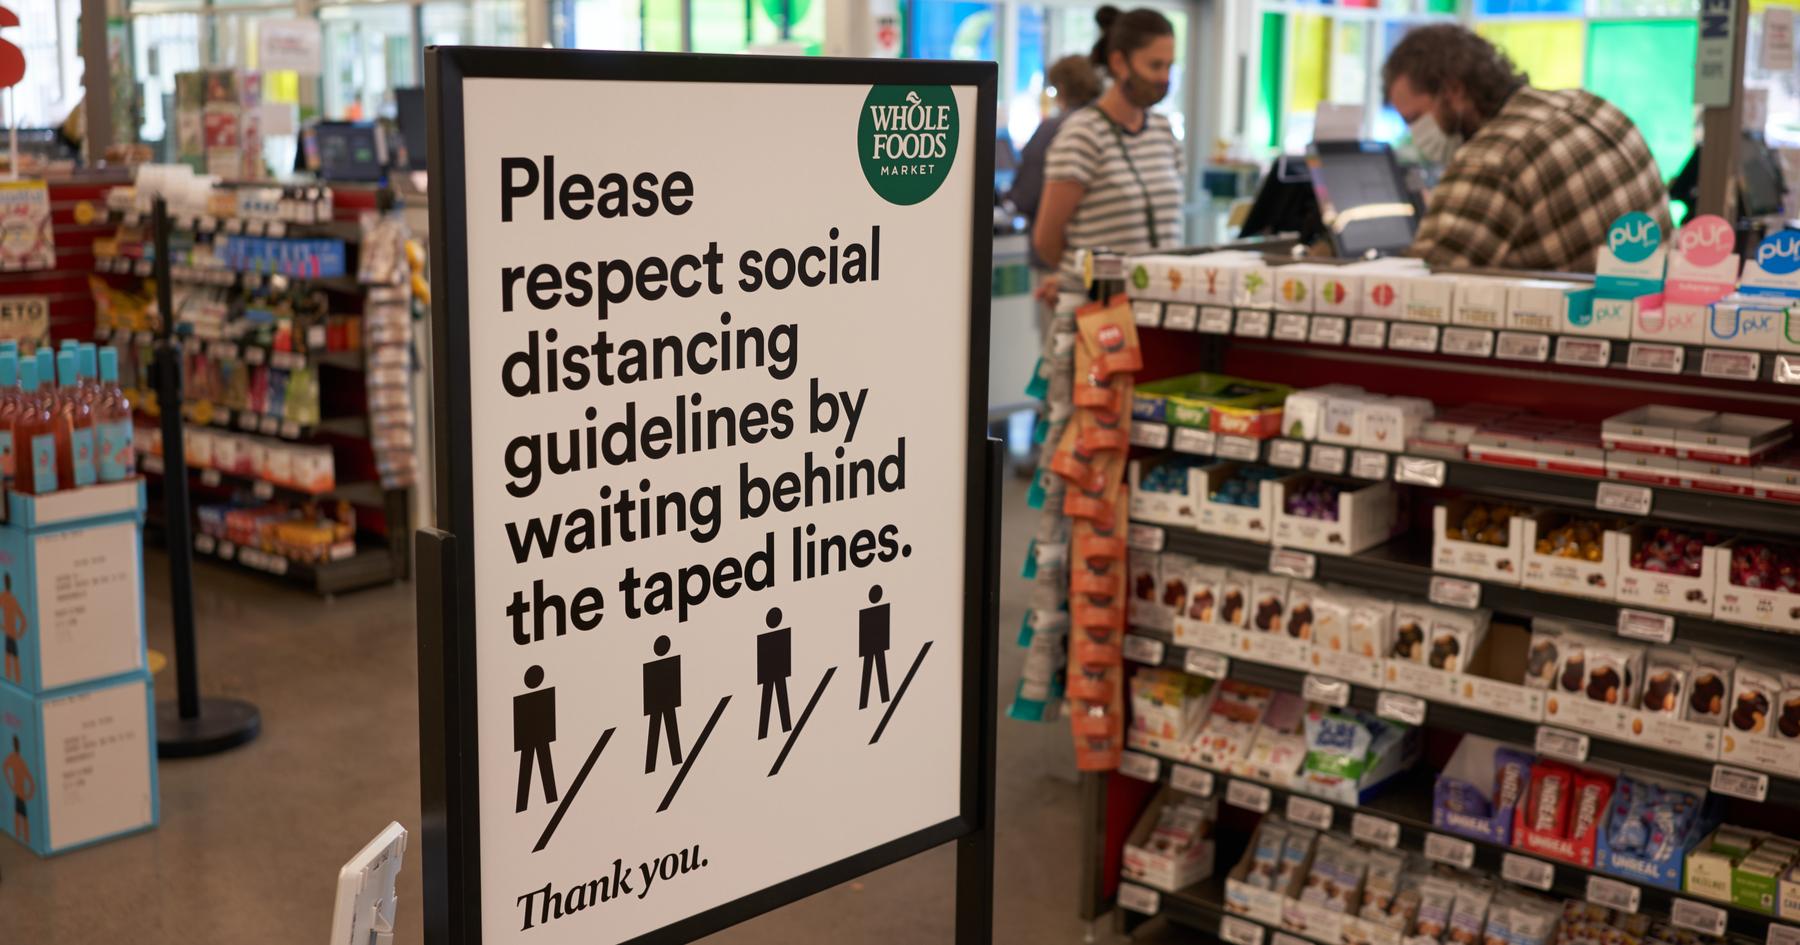 Safety signage Whole Foods